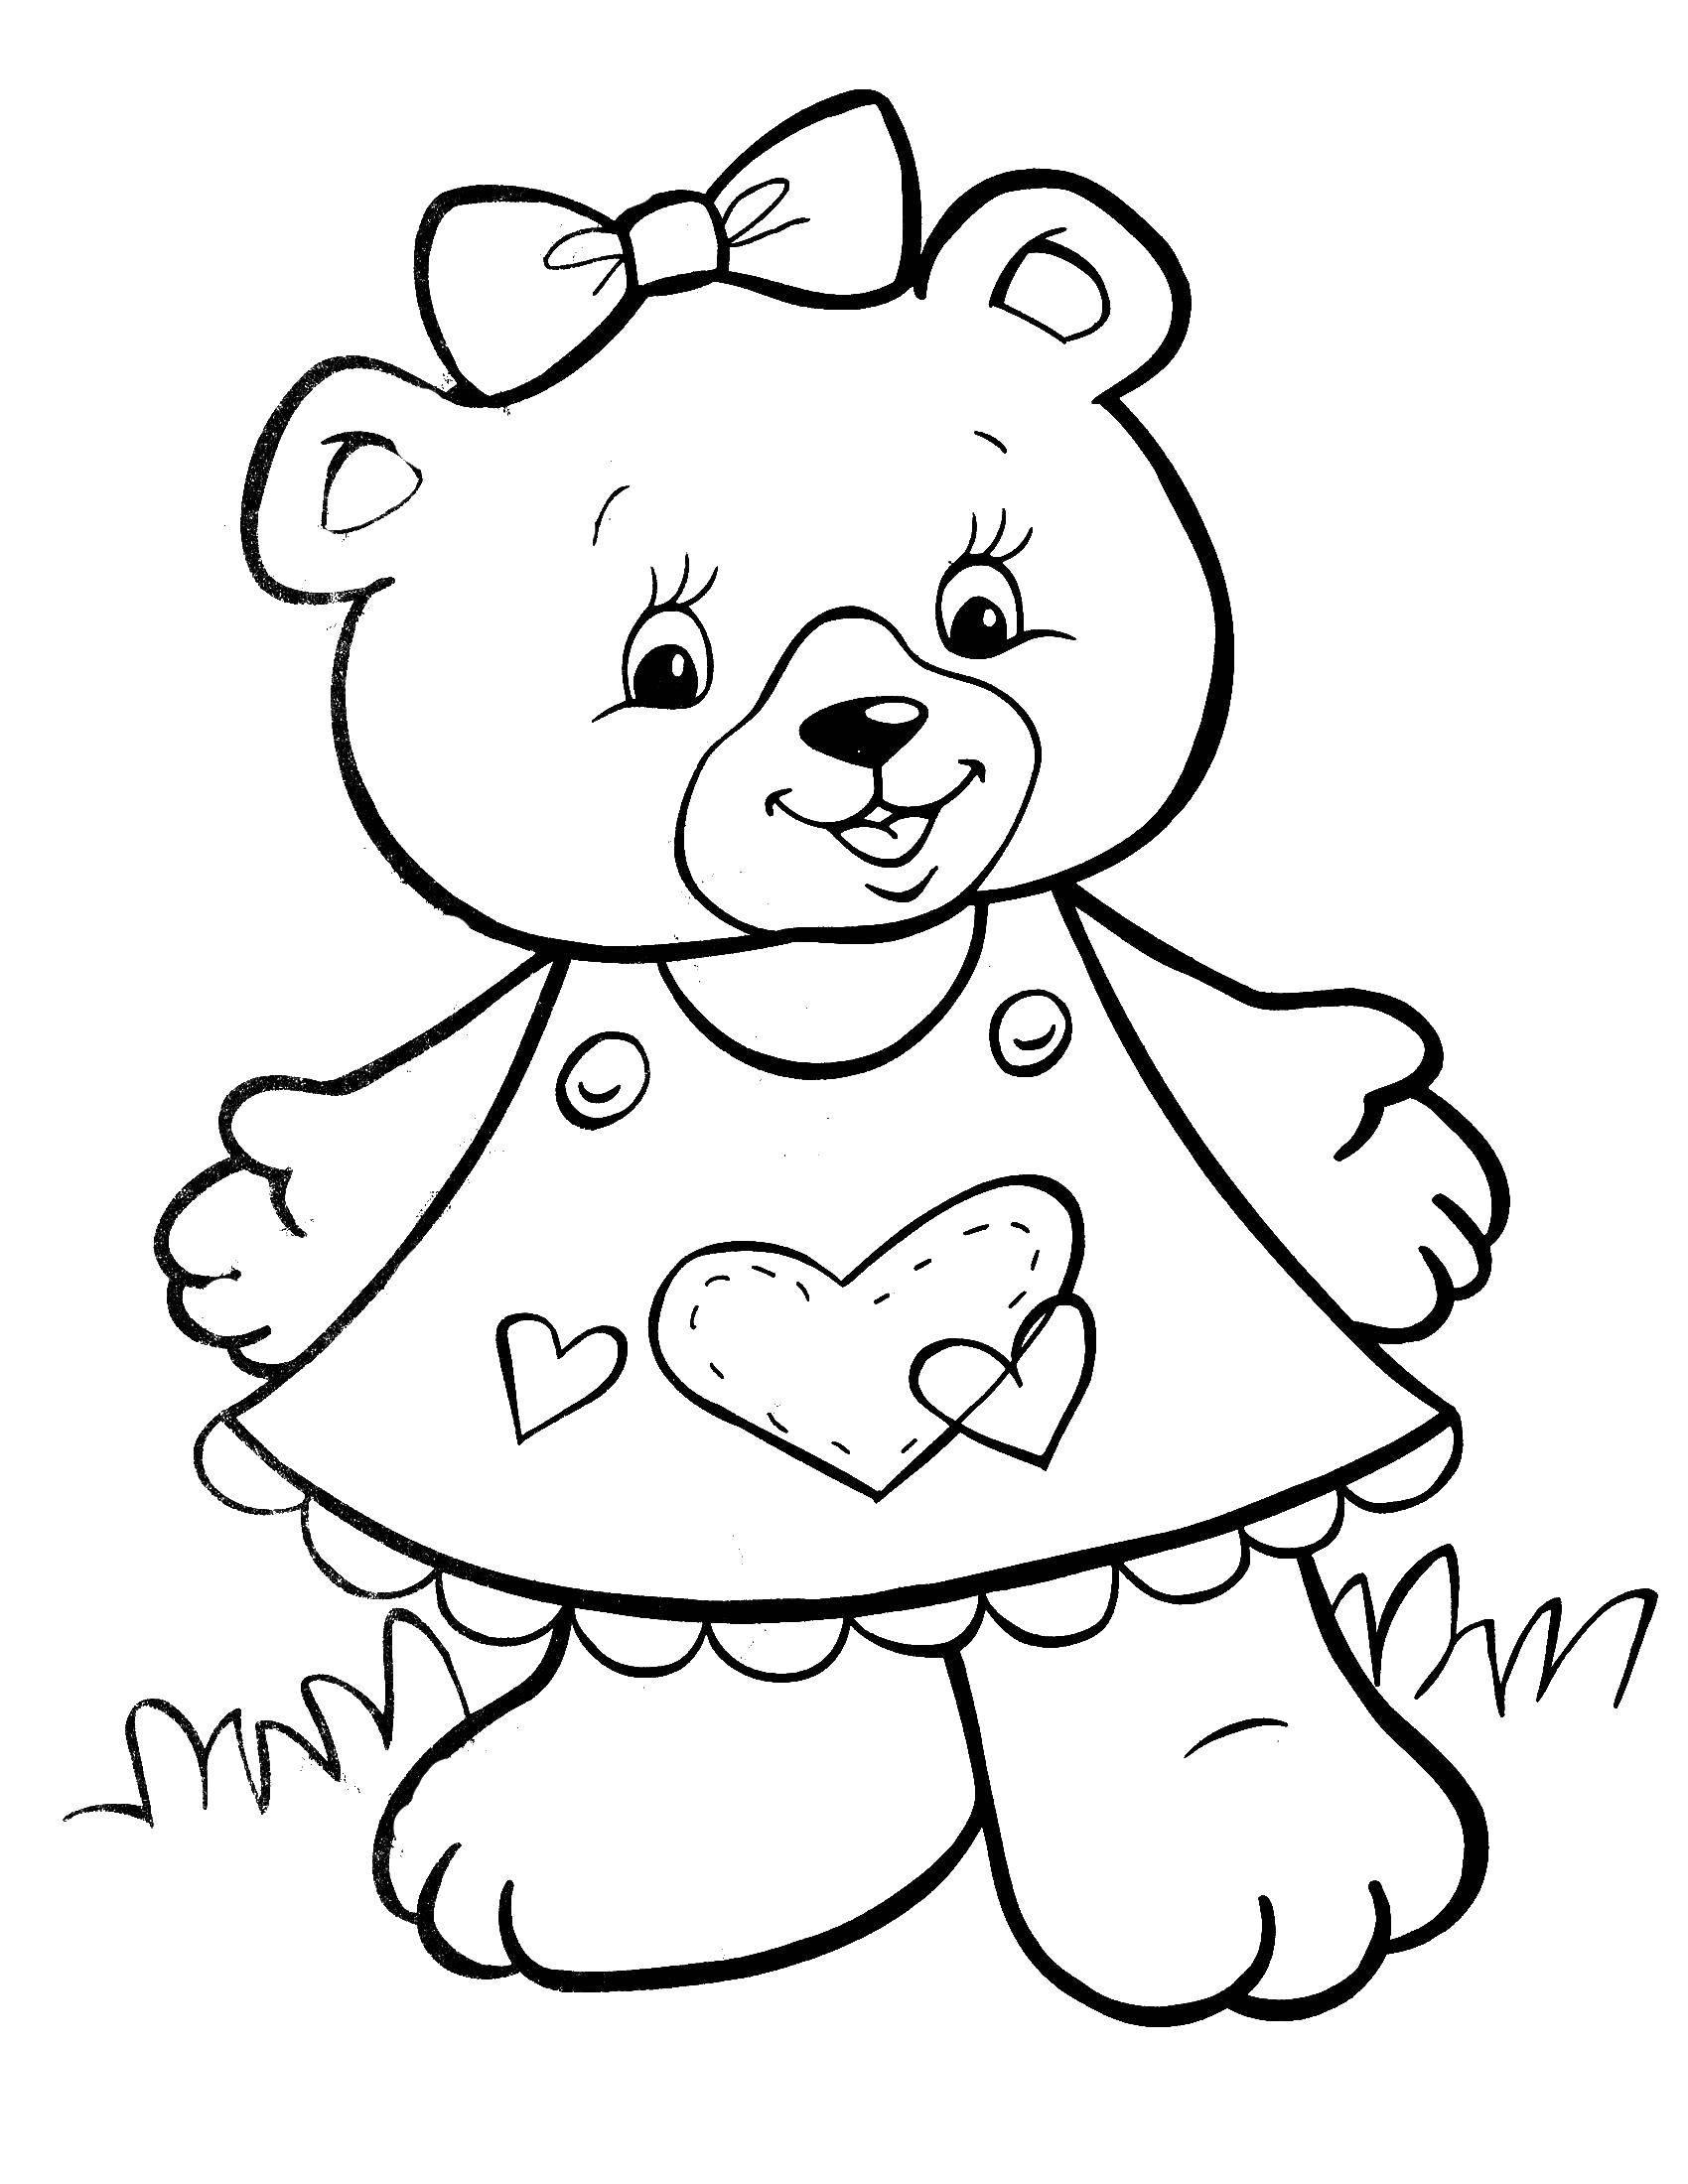 Картинка для раскрашивания медвежонок